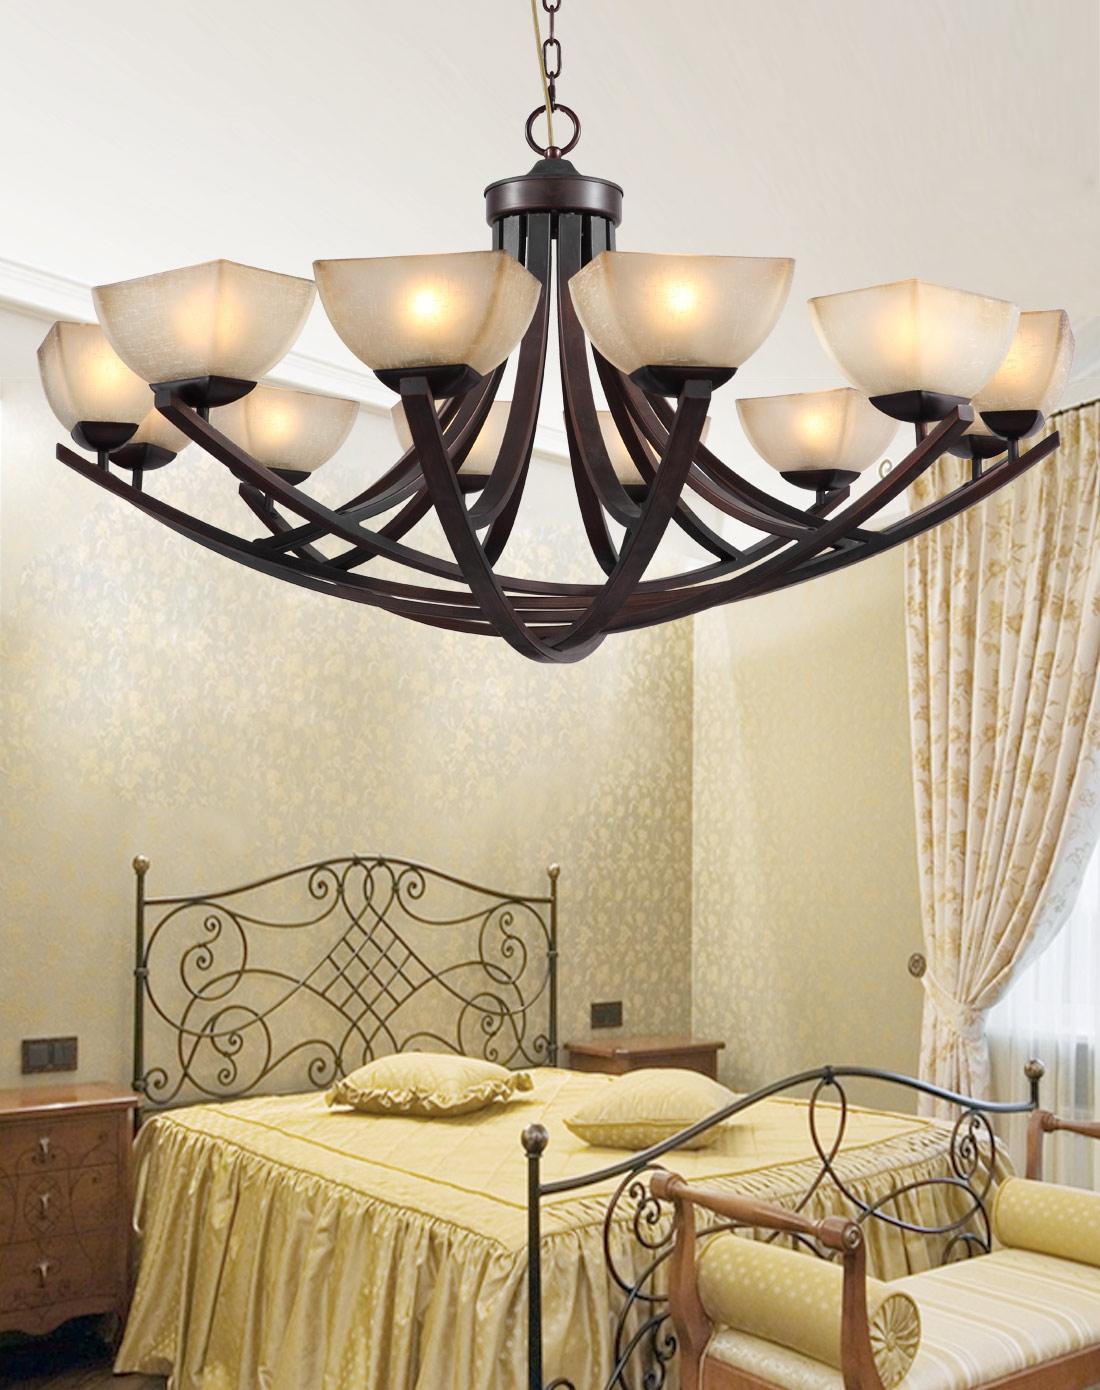 美式客厅灯 复古铁艺乡村灯具 现代简约图片